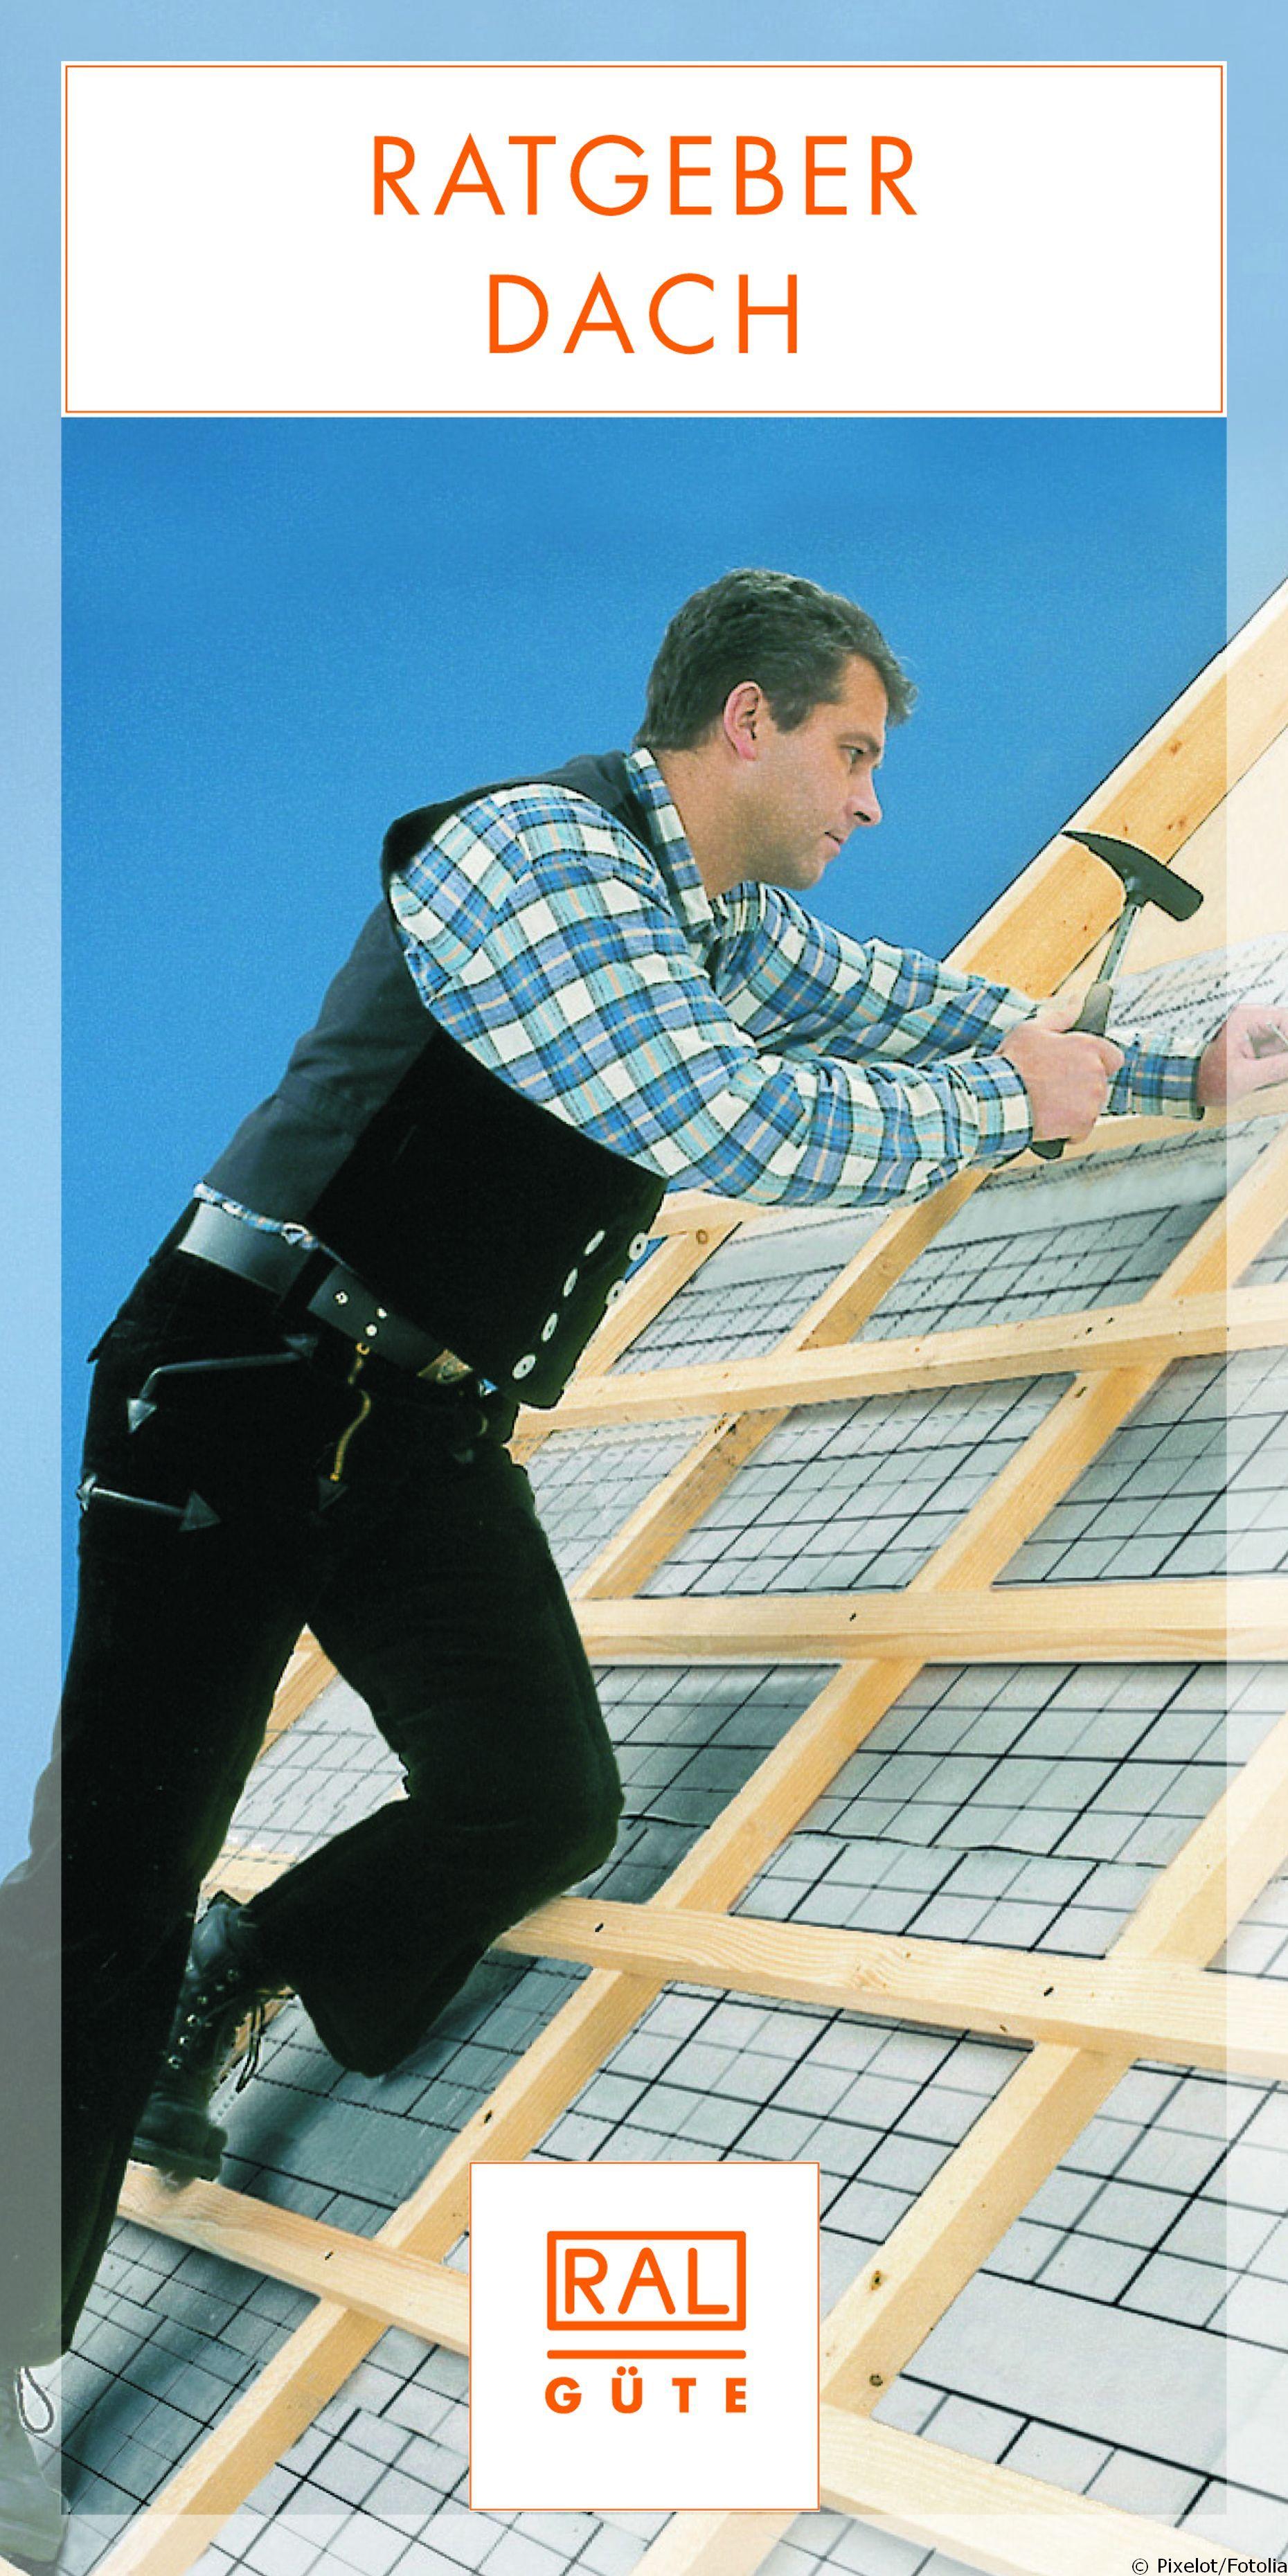 Der kostenlose RAL Ratgeber Dach informiert Hausbesitzer, Bauherren, Sanierer und Architekten über die Qualität von Produkten und Dienstleistungen mit RAL Gütezeichen rund um den Dachbau und Dachausbau.